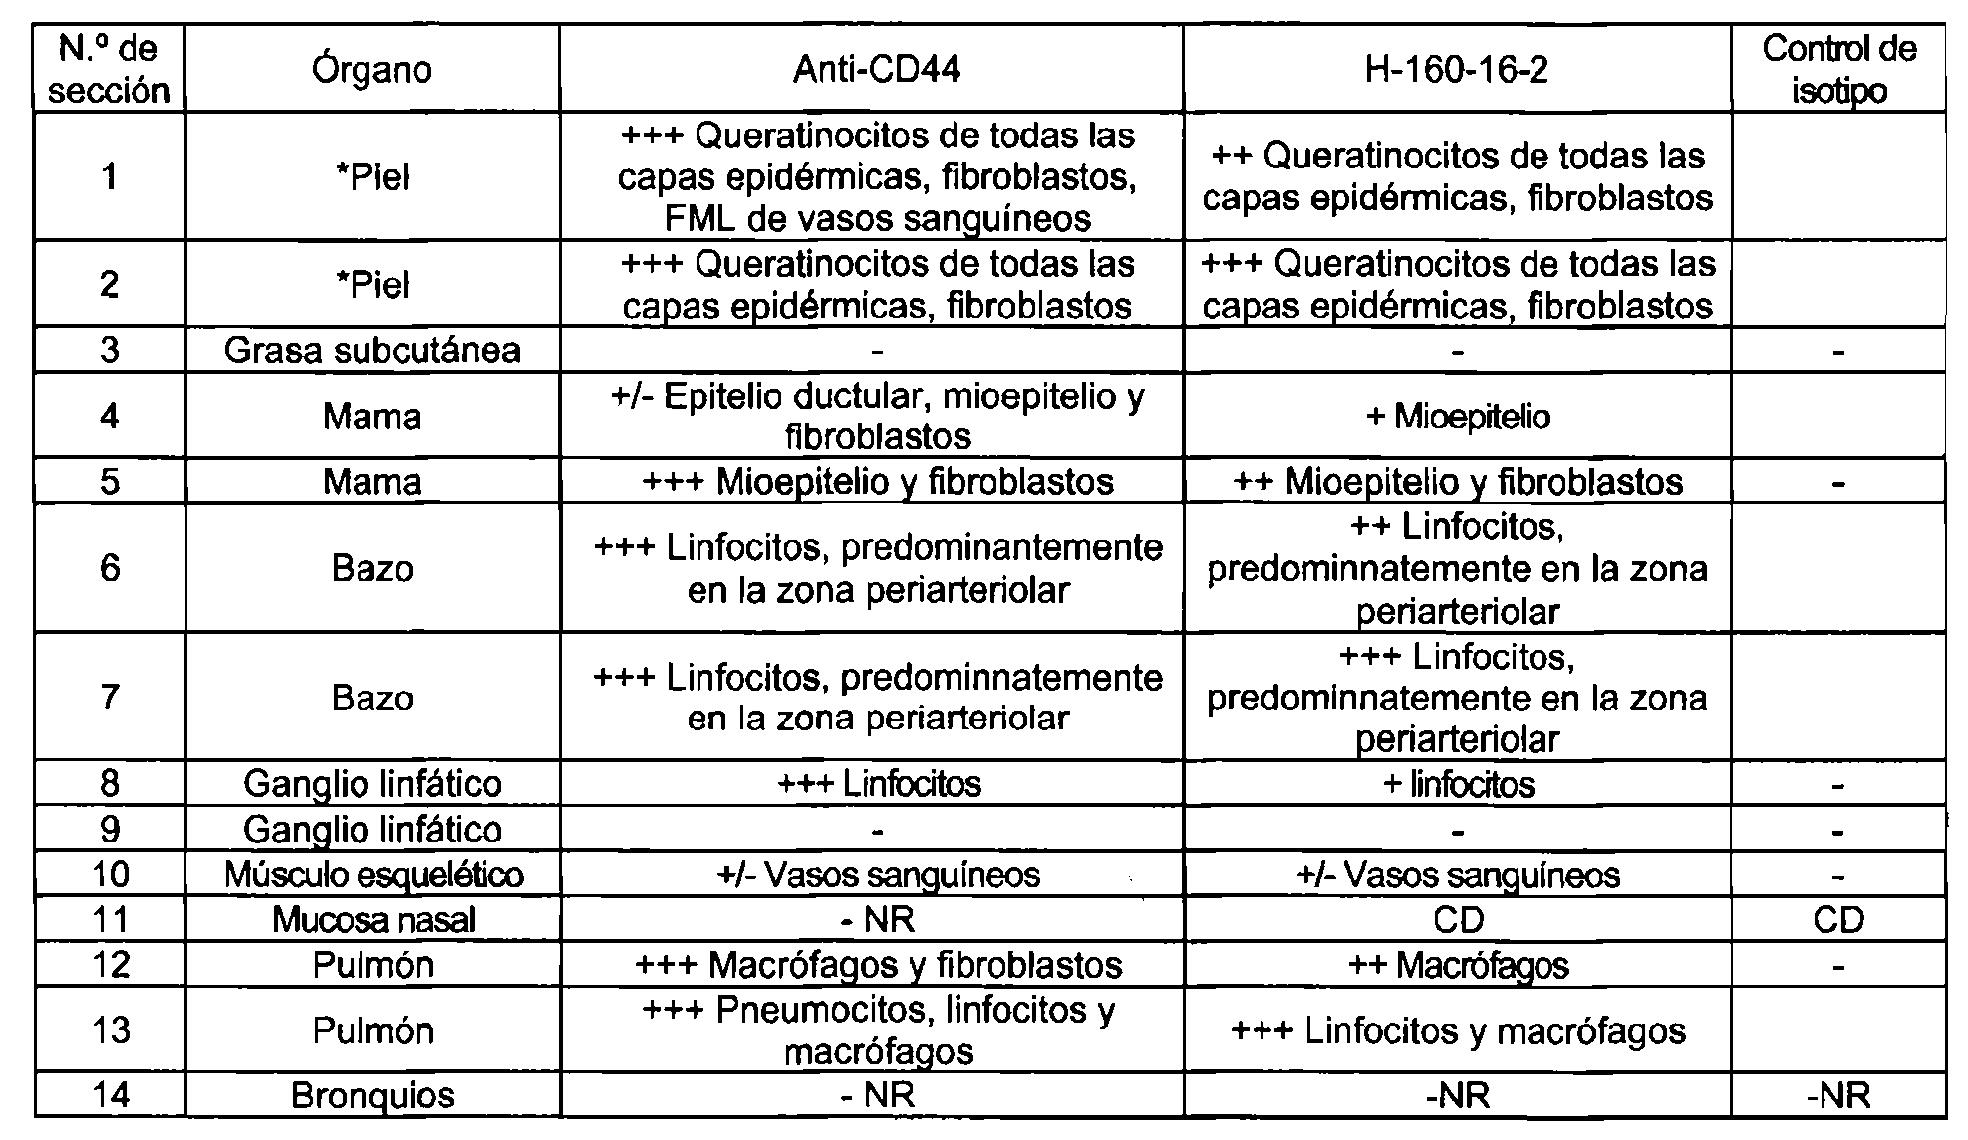 Famoso Tabla De Cuerpo Humano Bosquejo - Imágenes de Anatomía Humana ...